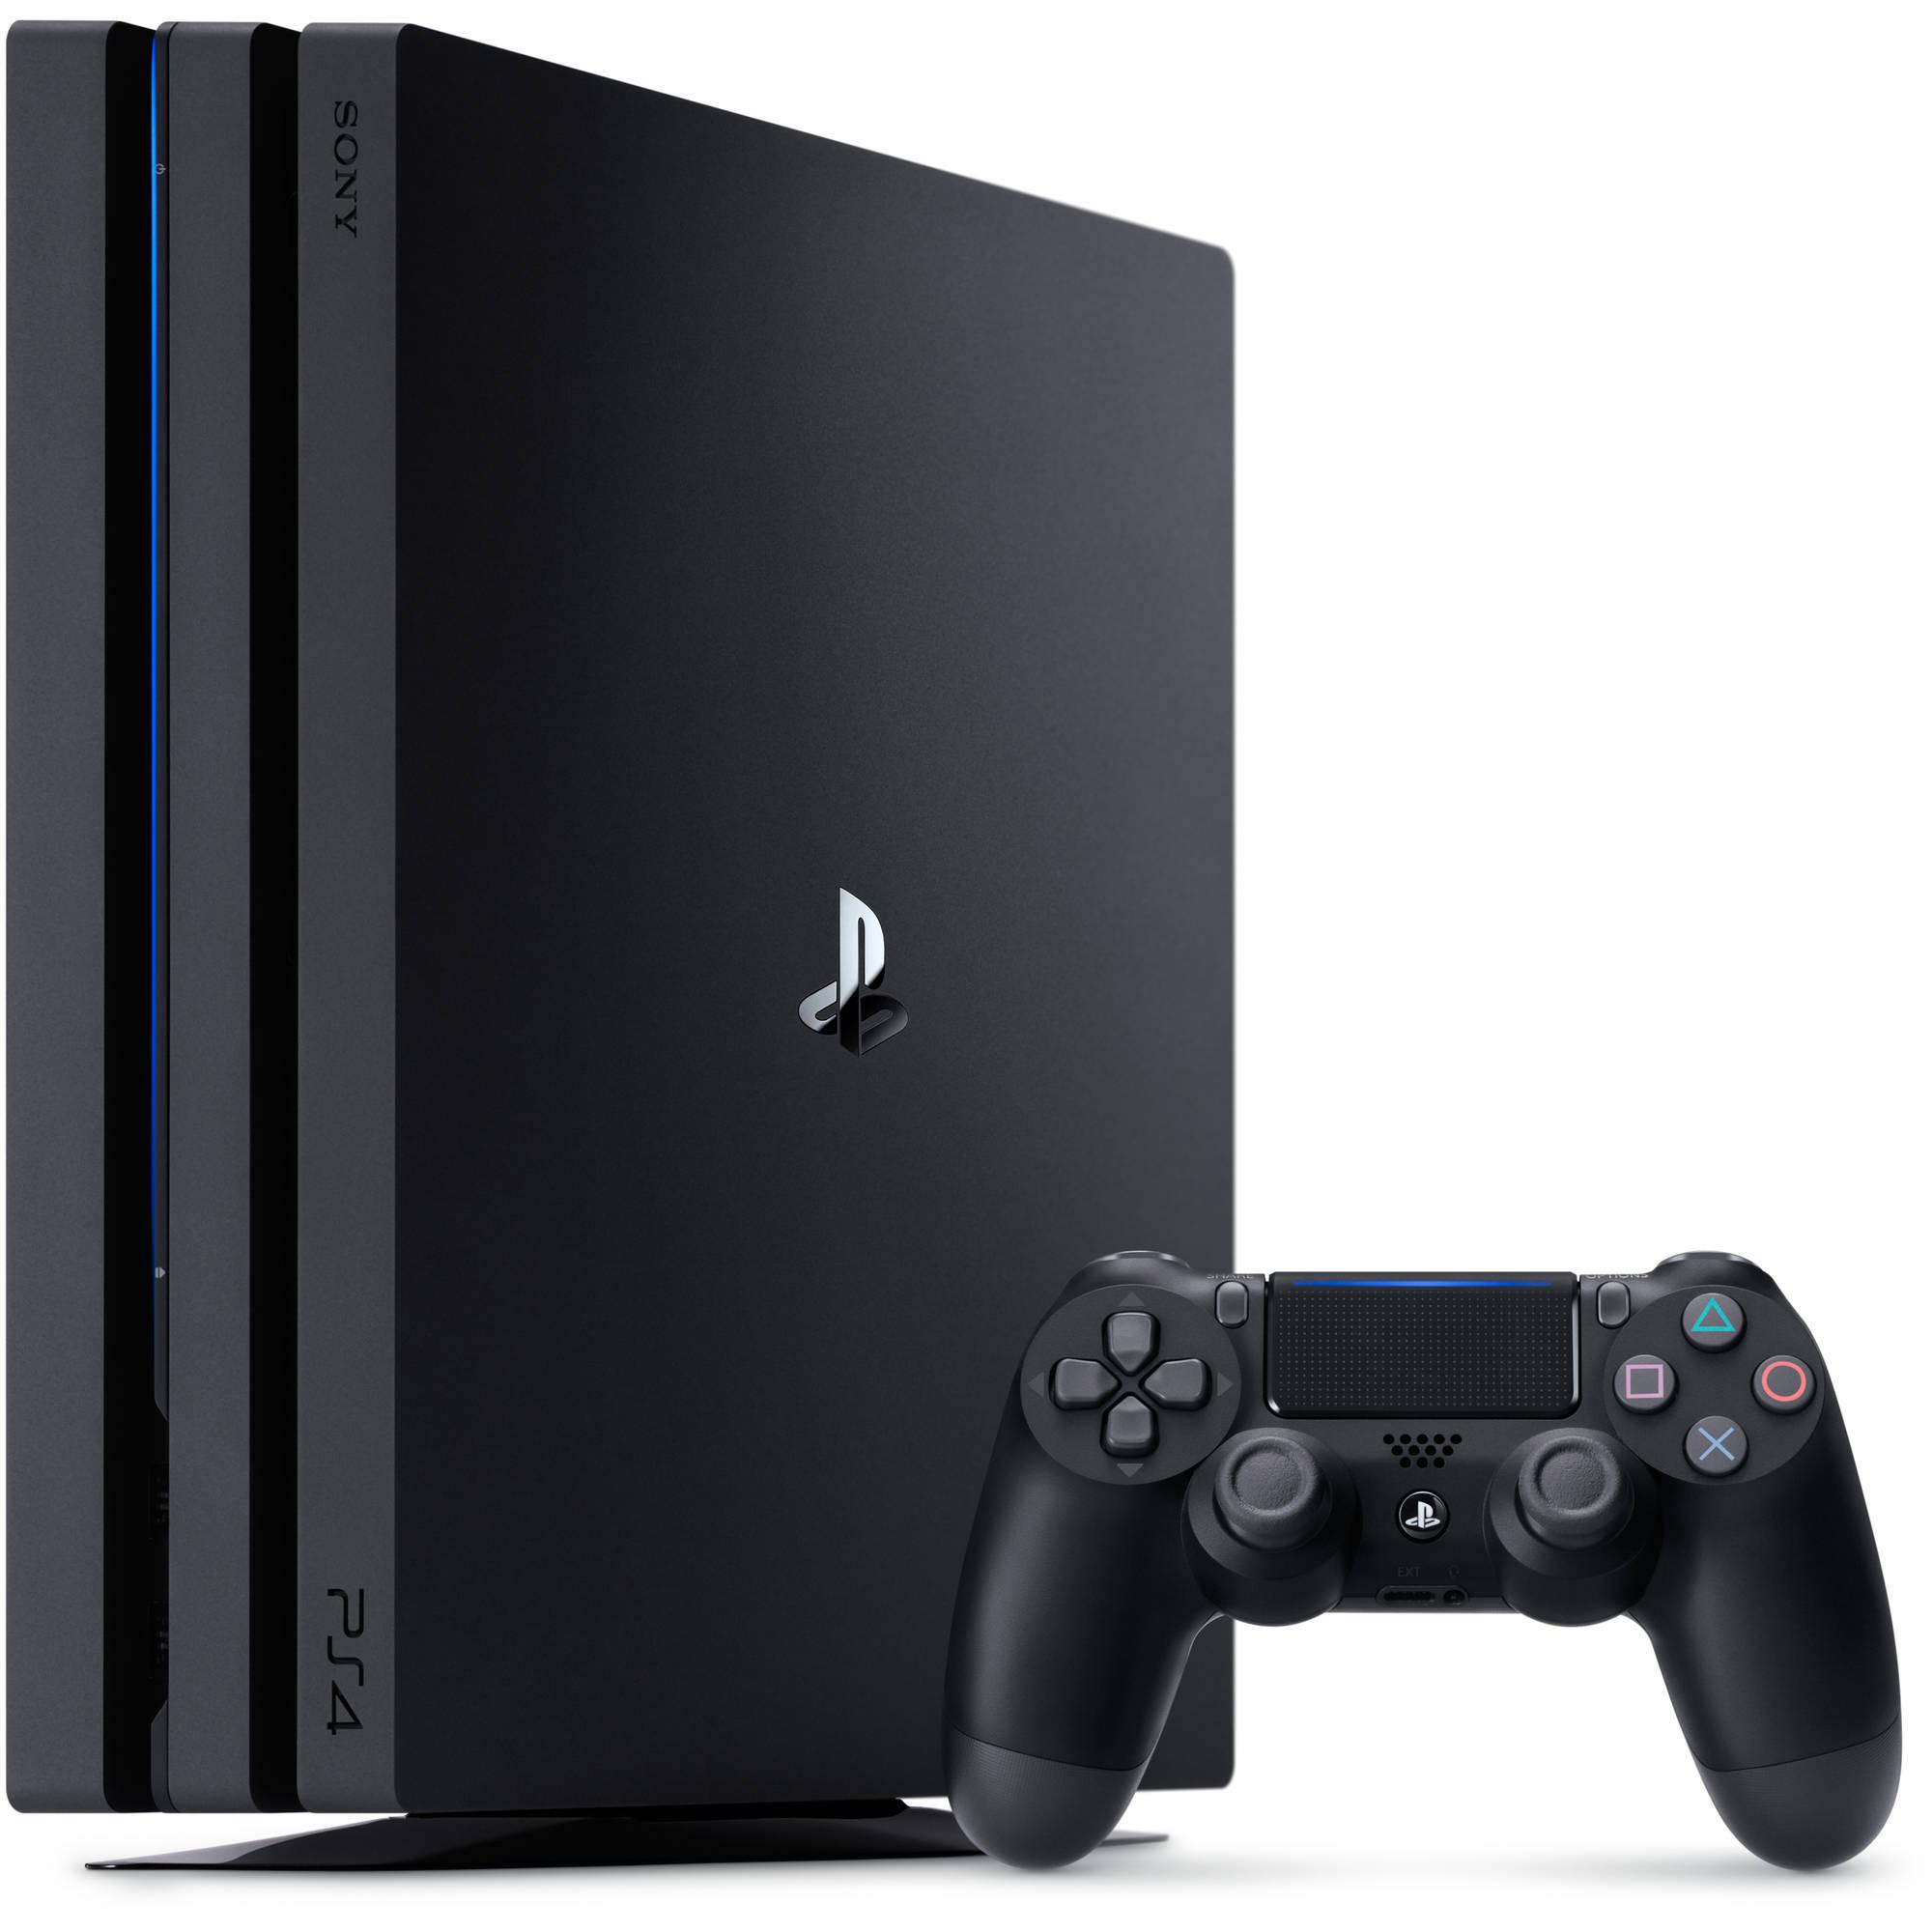 Máy Sony PS4 Pro 1TB tặng tay cầm chơi game dualshock 4 và Pes 2019